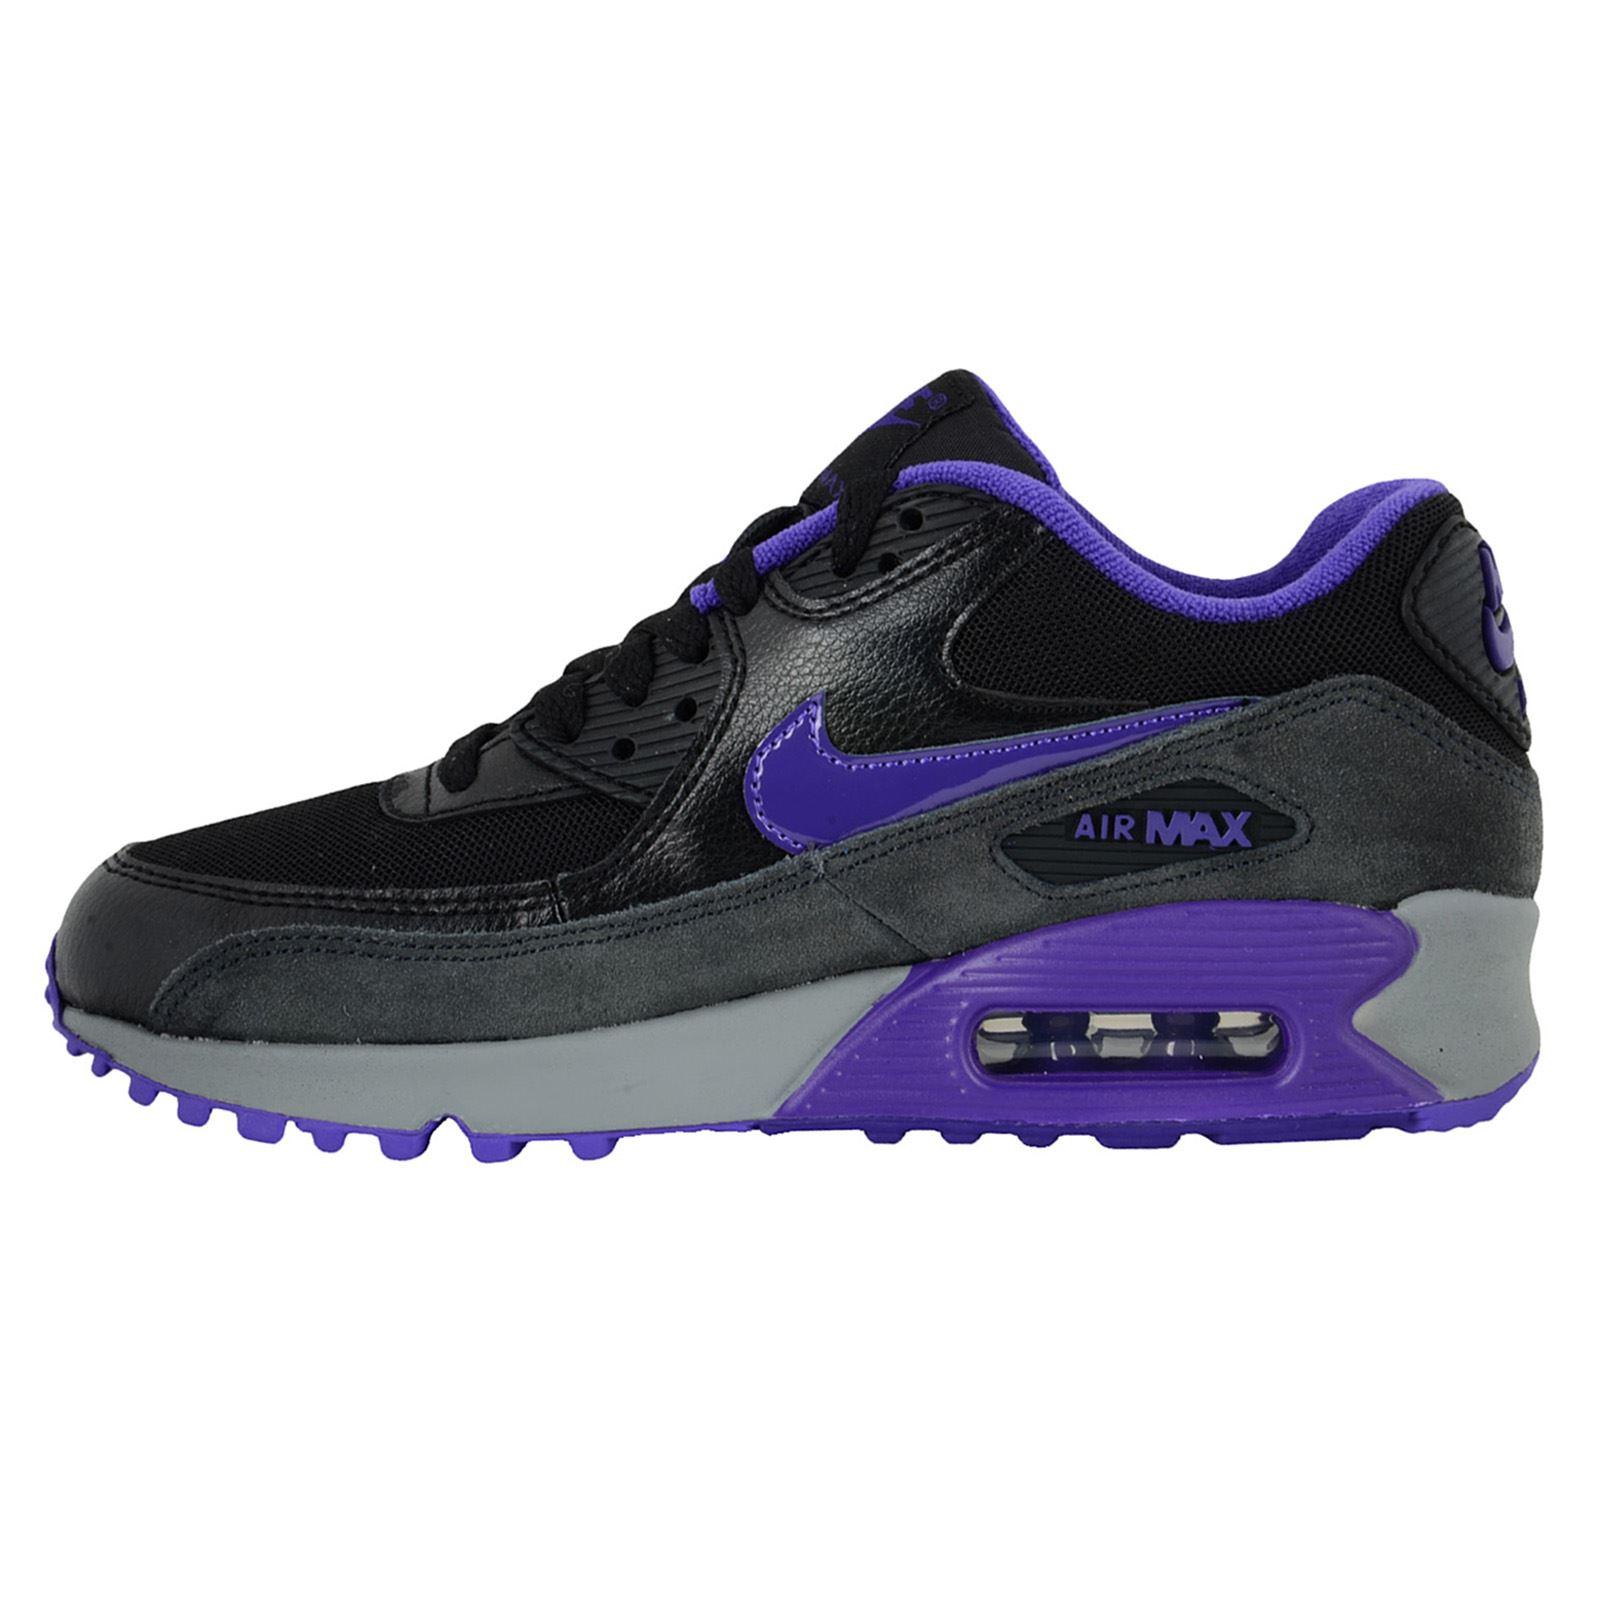 f3787f6c63de New Air Jordan 4 Retro Shoes